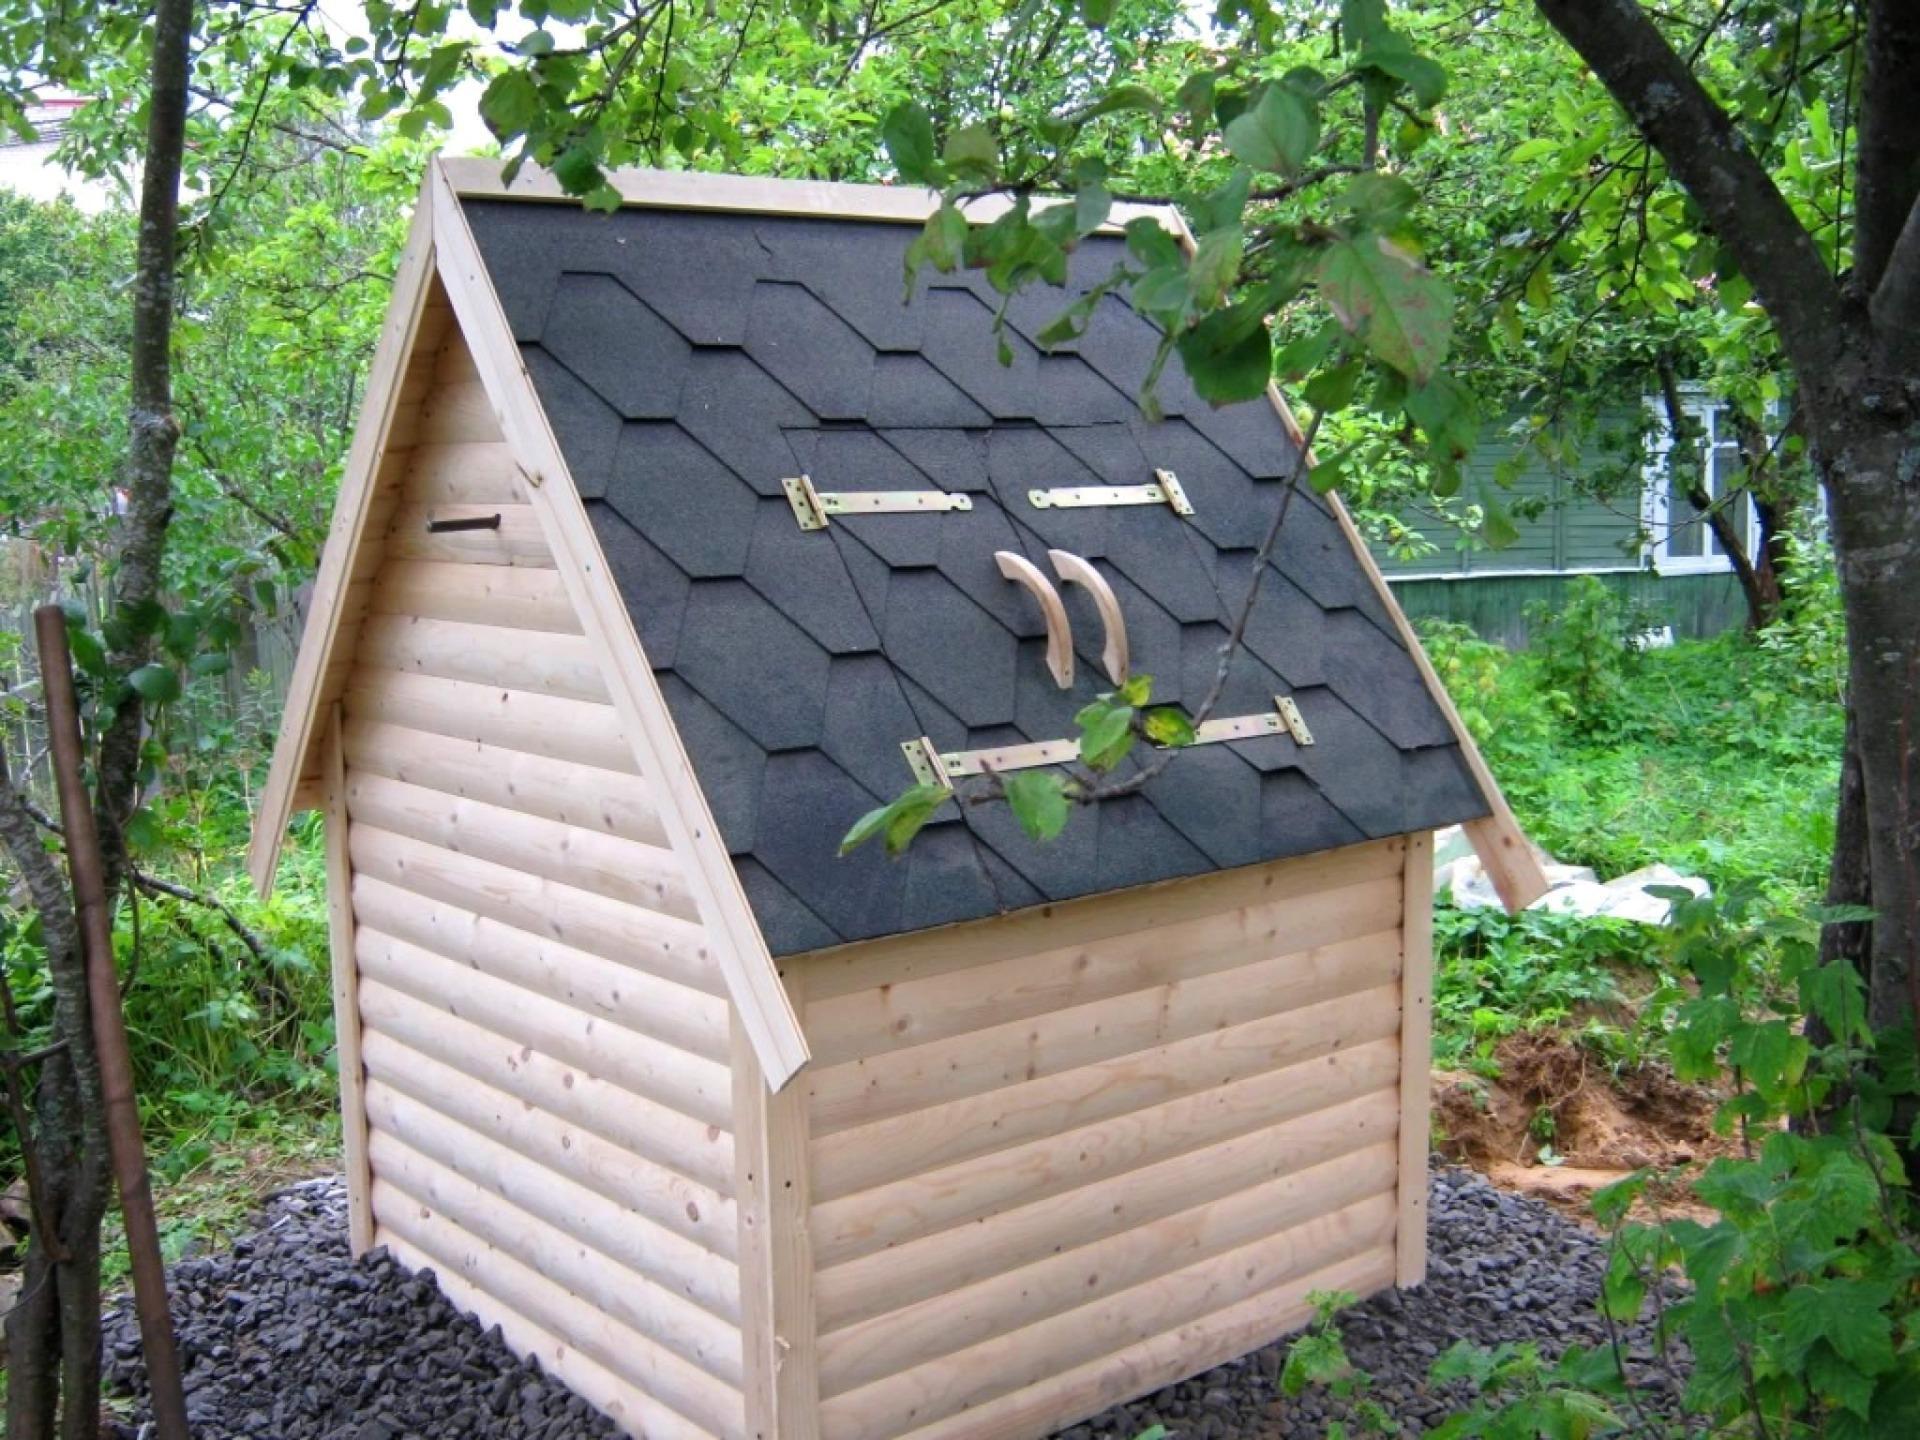 осветили, домик для скважины на даче фото больше